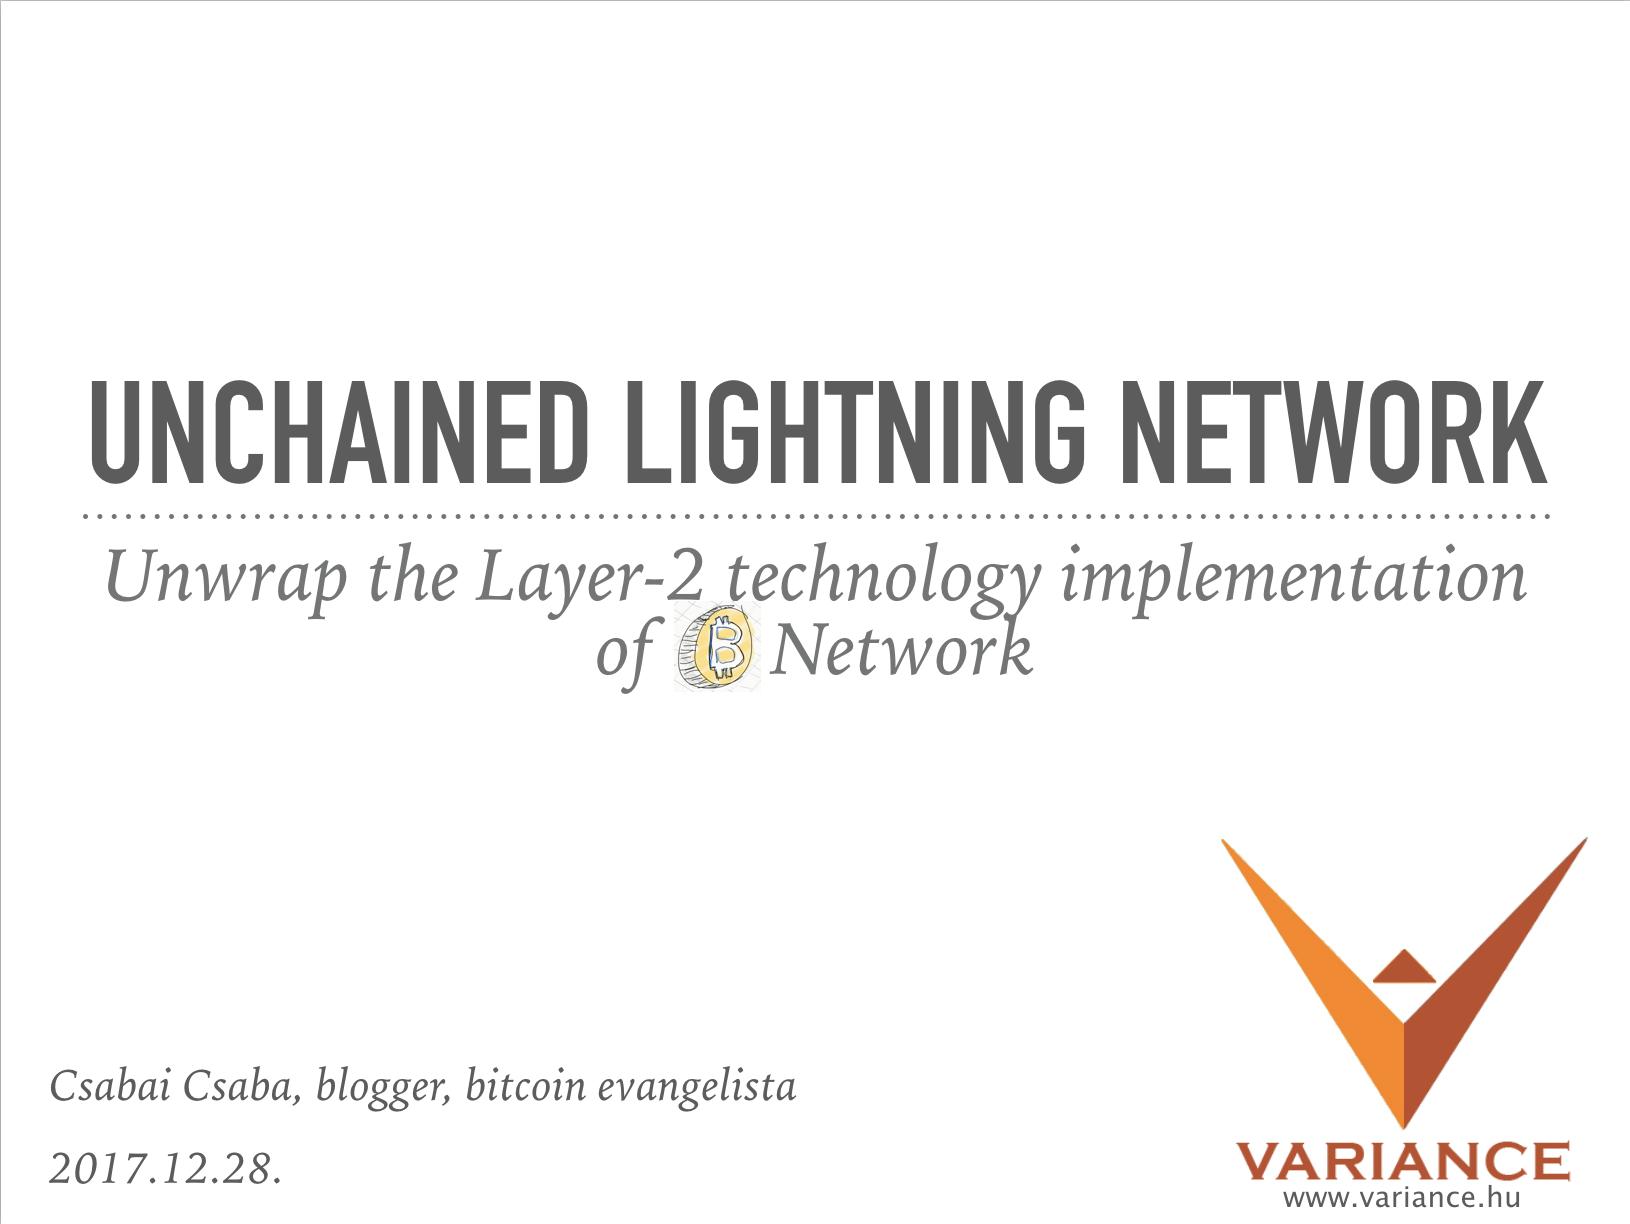 Beszélgessünk még egy kicsit a Lightning Networkről…